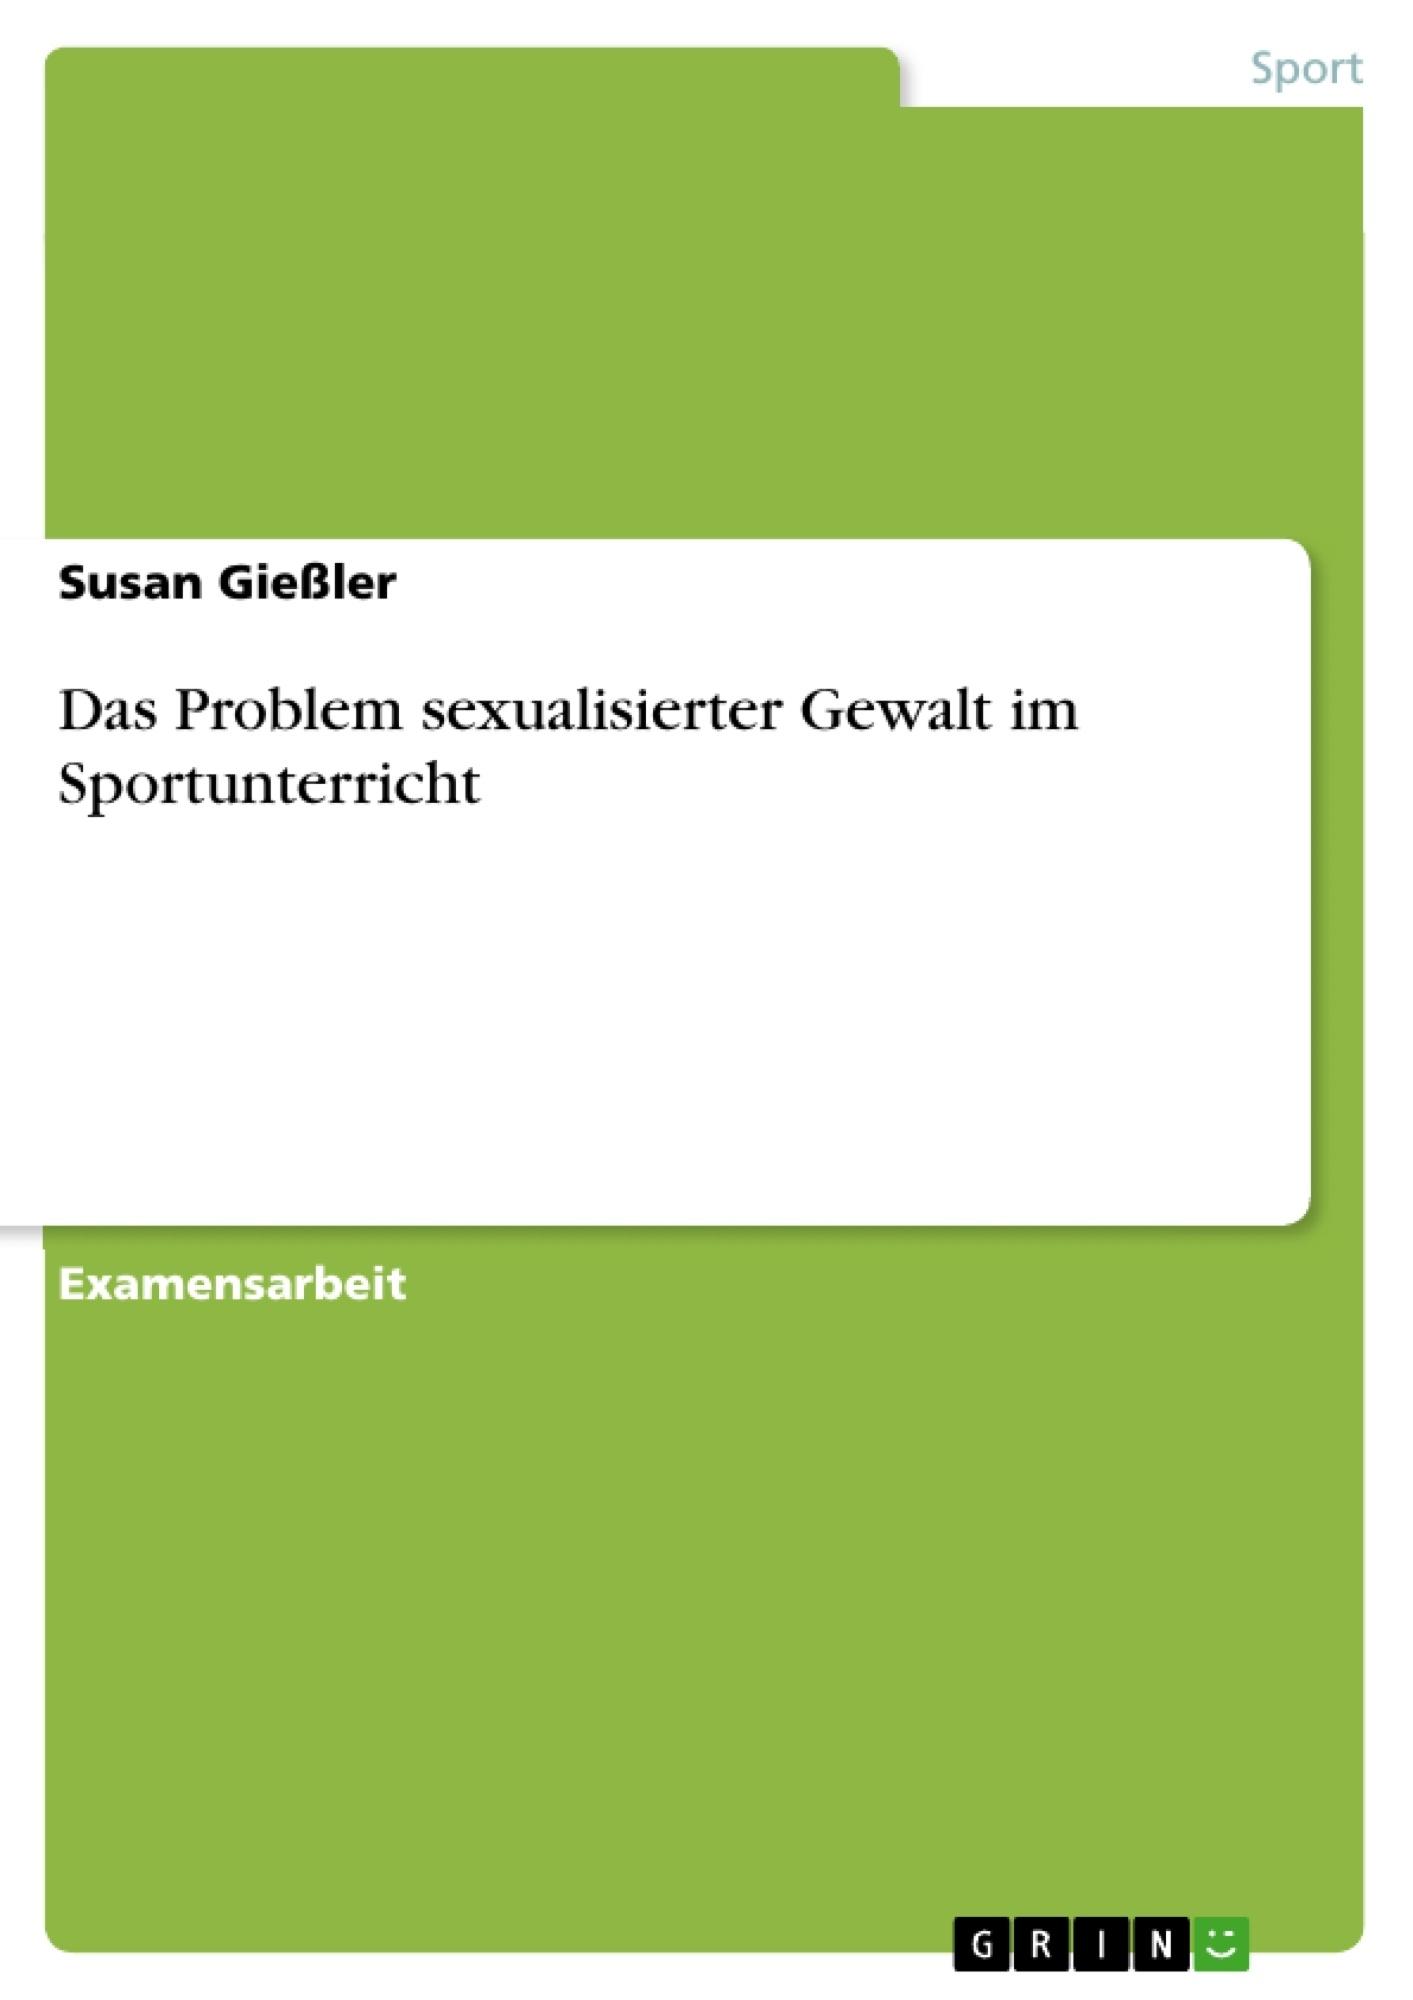 Titel: Das Problem sexualisierter Gewalt im Sportunterricht